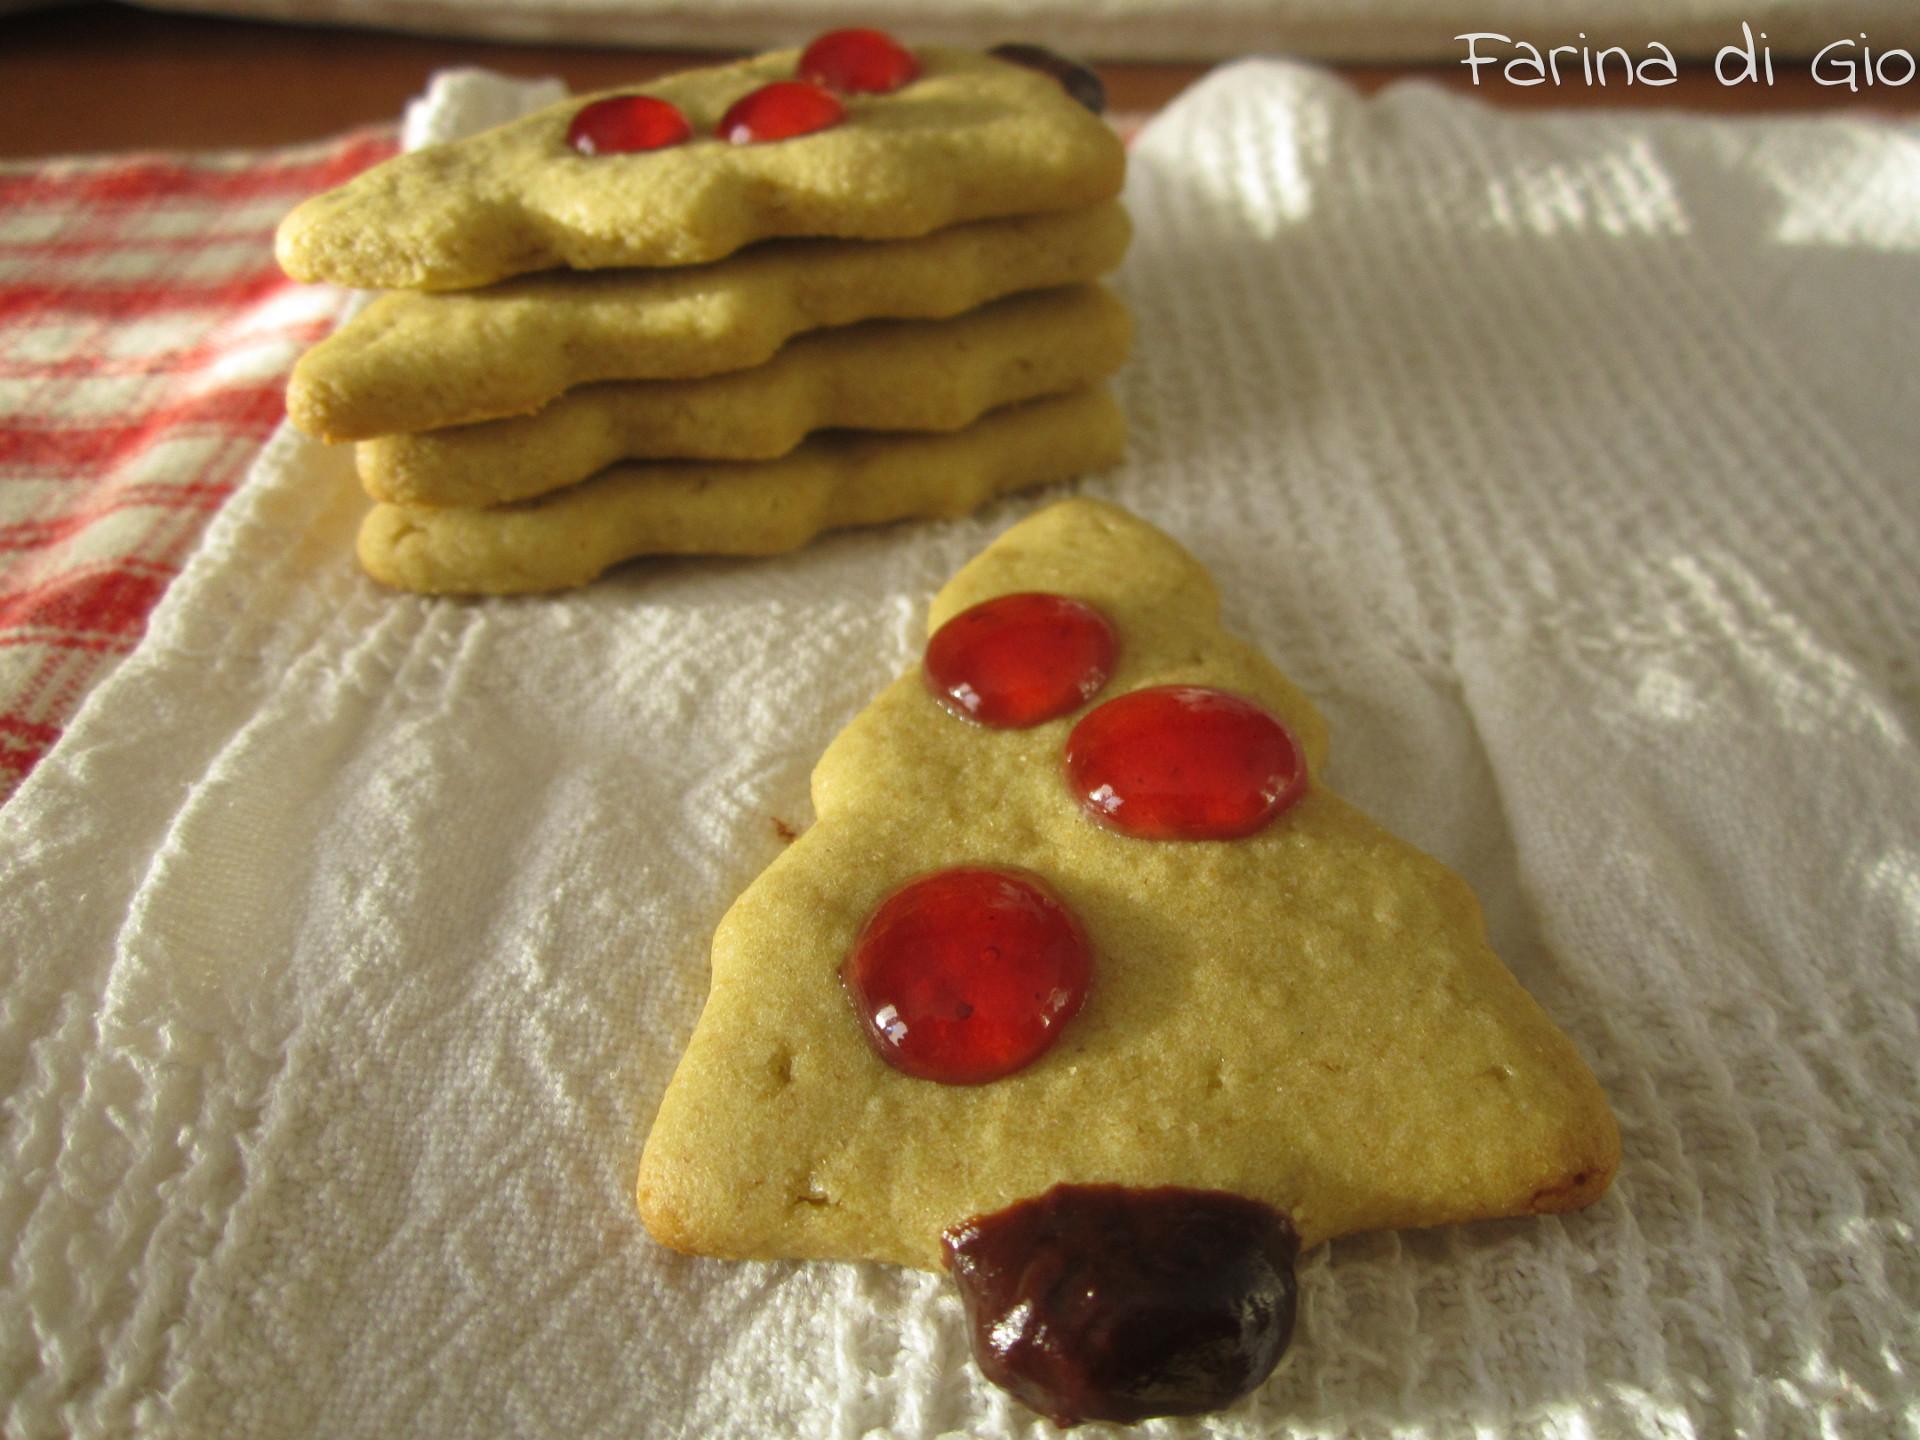 biscotti farina di farro